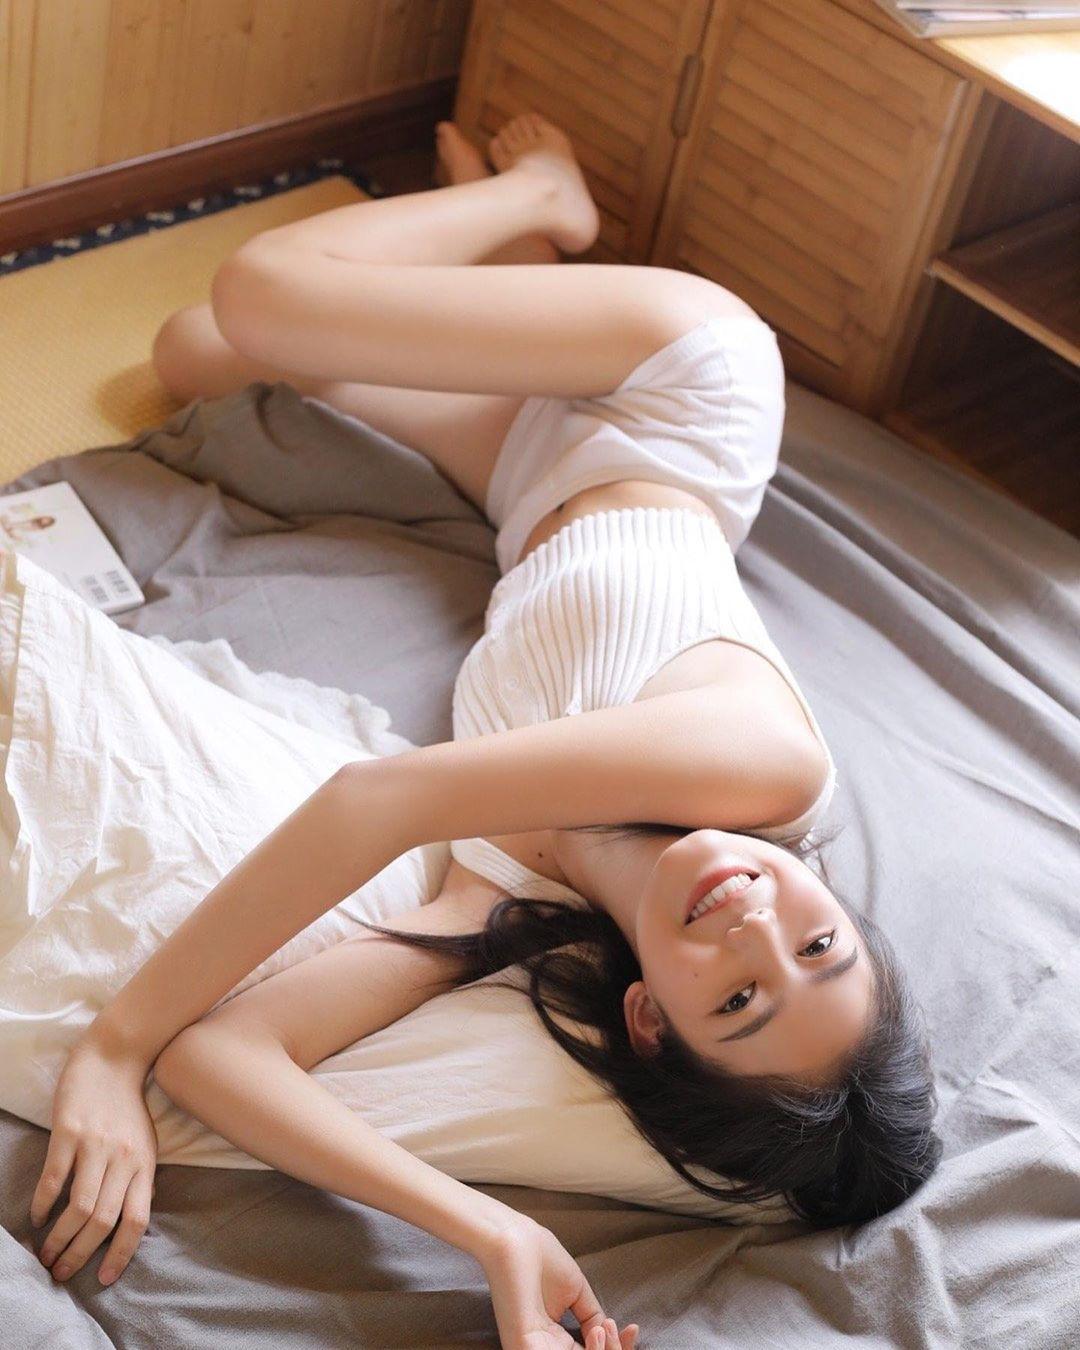 福利视频图片汇总第八期:做你女朋友可好www.gif66.com